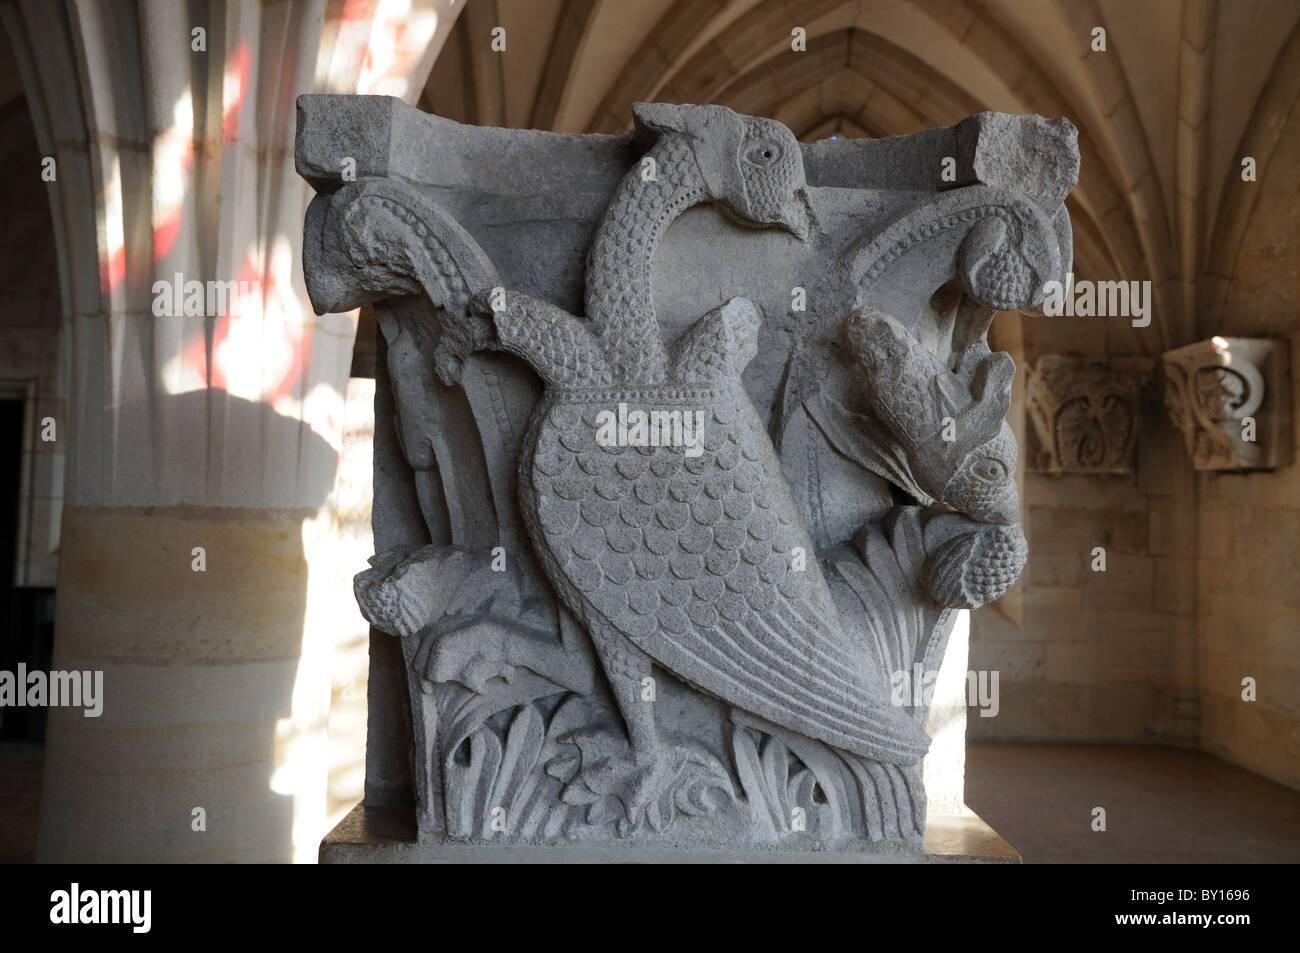 Statue Schnitzerei des legendären mittelalterlichen Web footed Vogel mit drei Köpfen, die zwei davon wurden, Stockbild